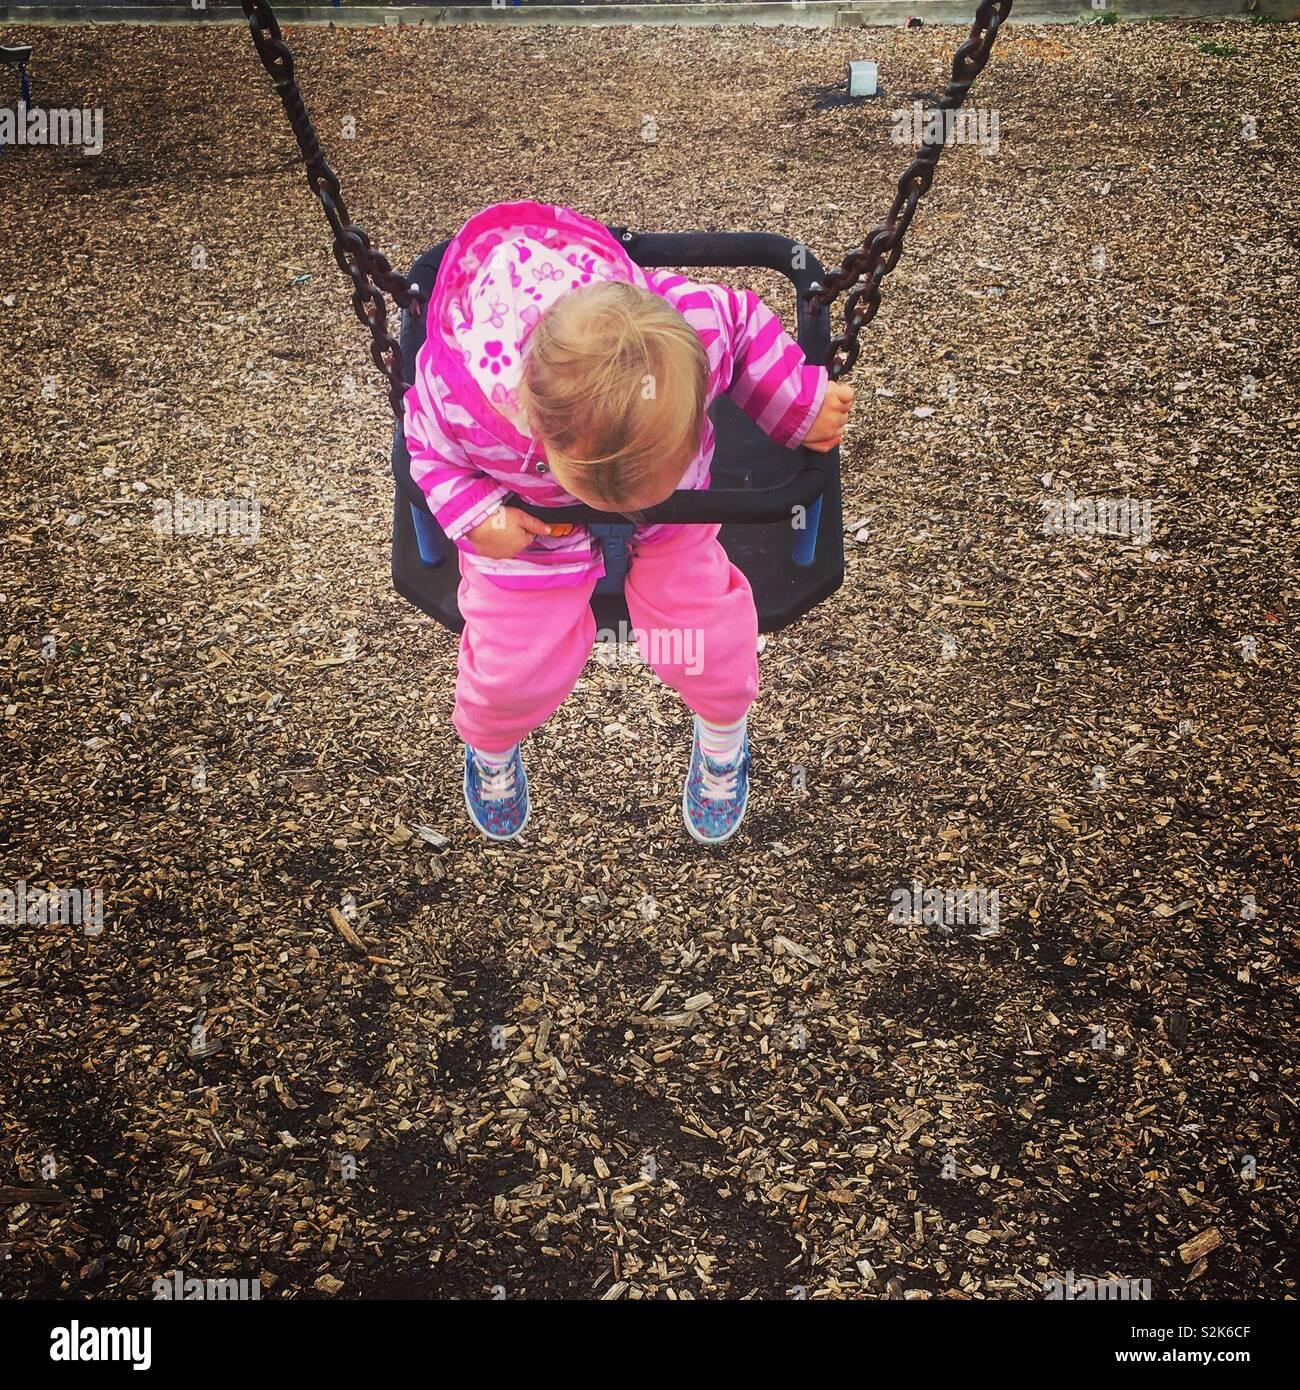 Girl swinging in the park - Stock Image